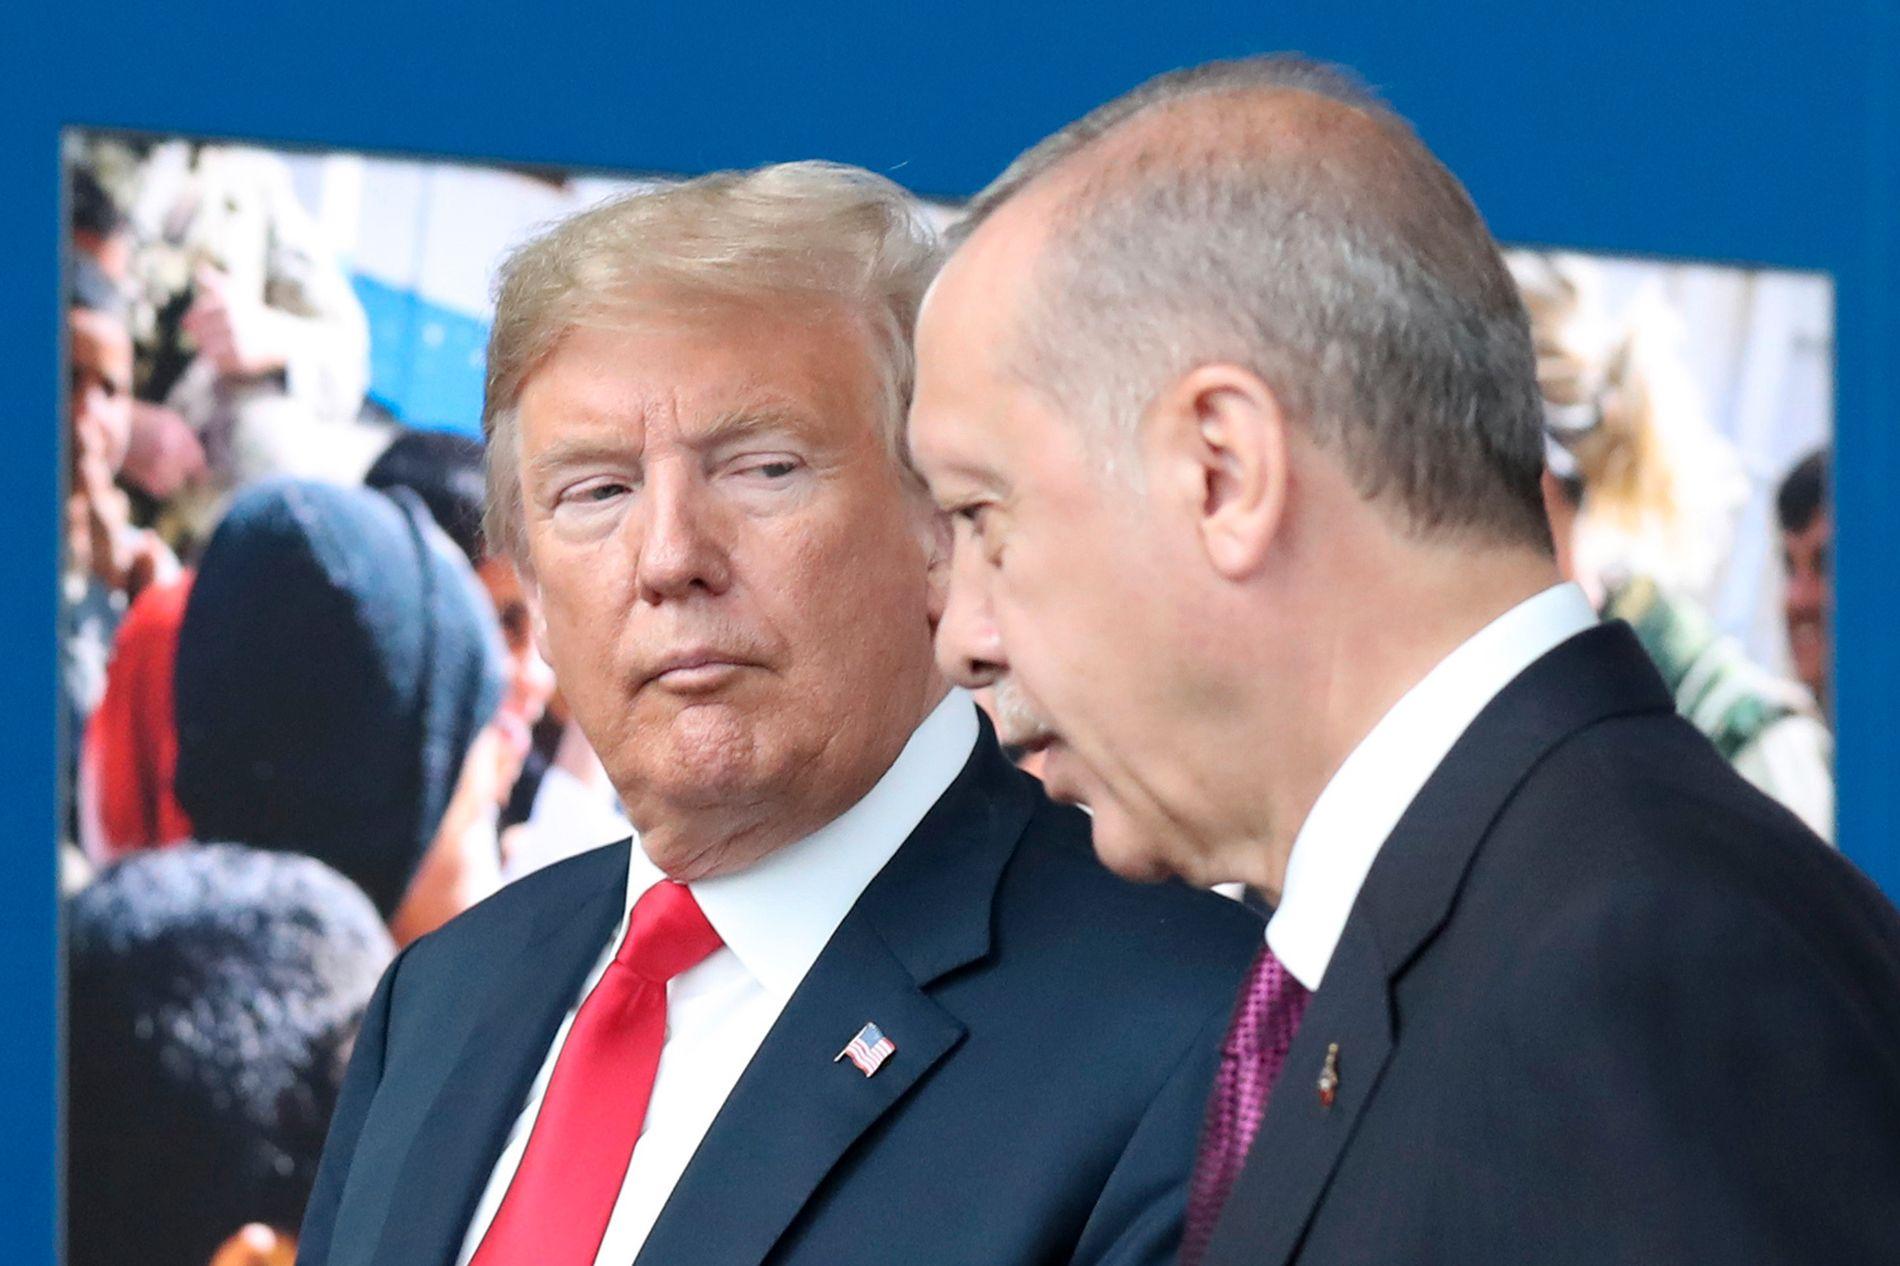 ANSTRENGT: Forholdet mellom USA og Tyrkia har vært anstrengt de siste årene. Den amerikanske presidenten Donald Trump har forsøkt å bedre forholdet til sin tyrkiske motpart Recep Tayyip Erdogan. Her er de to under et NATO-møte i juli 2018.